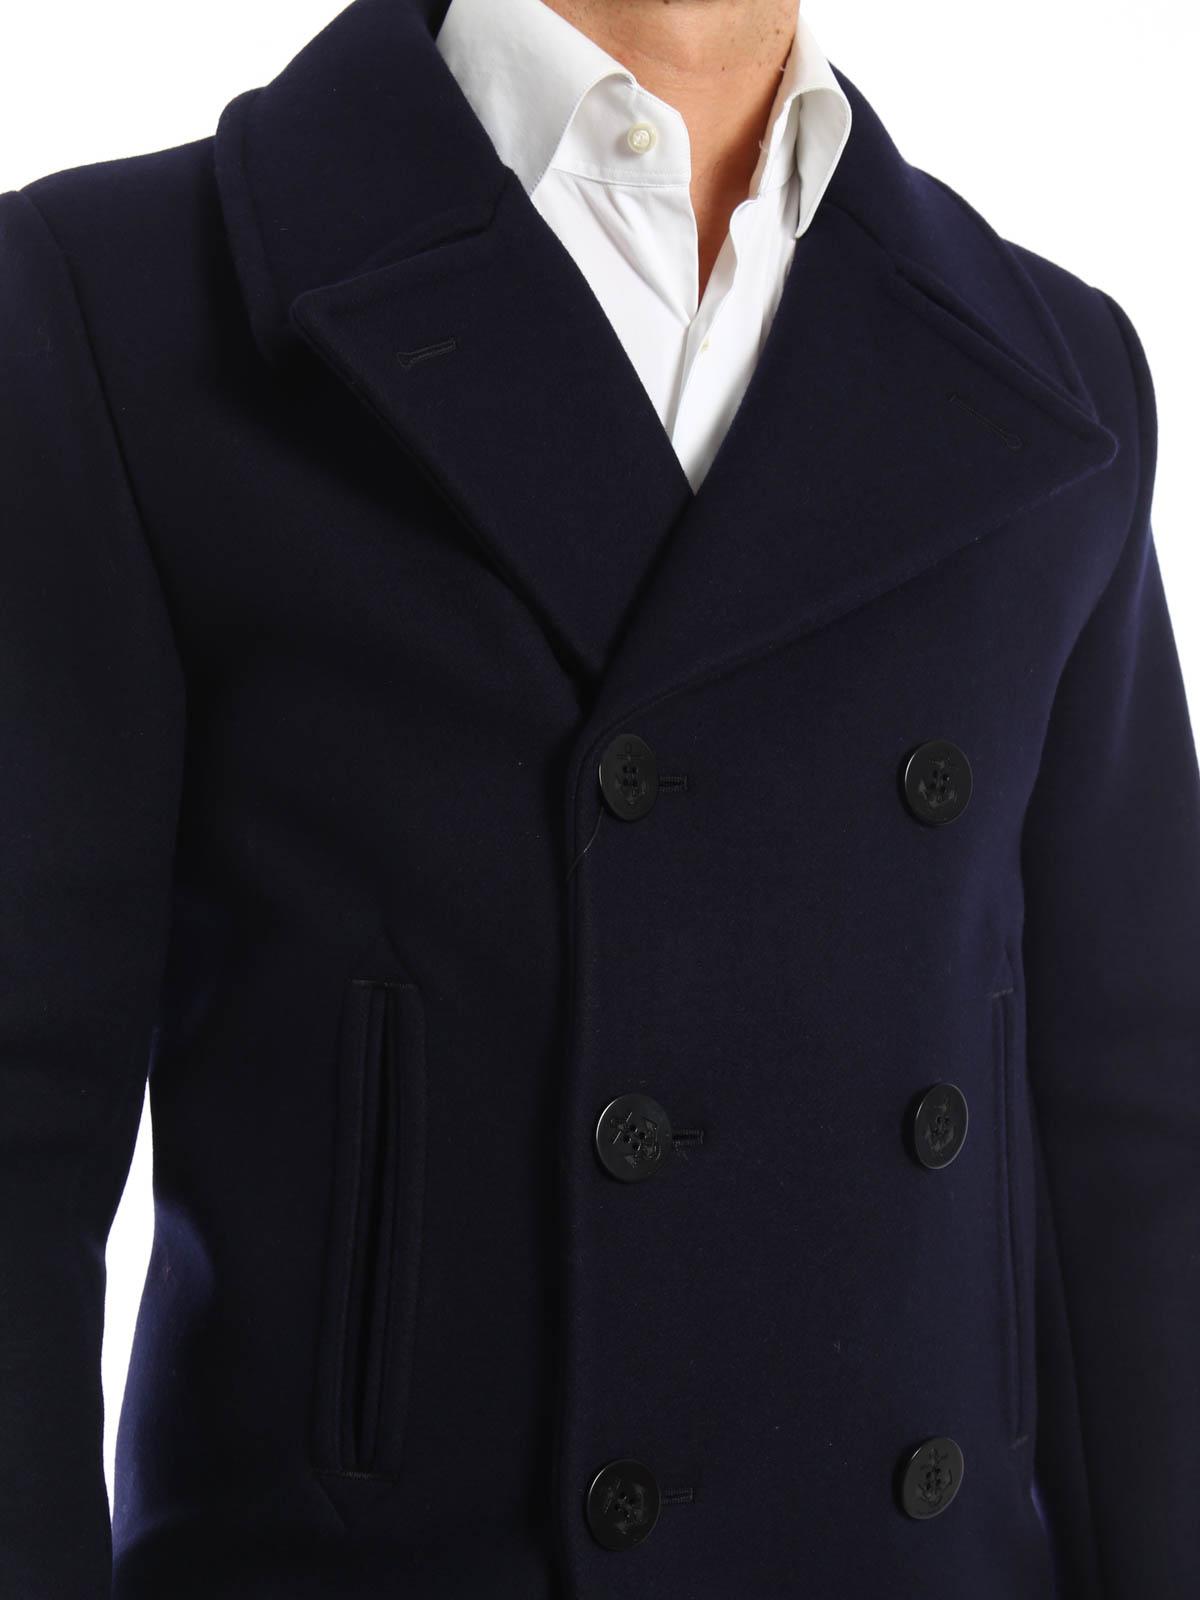 91d6a5a5cb6 Saint Laurent - Classic wool caban - short coats - 343626Y112W 4140